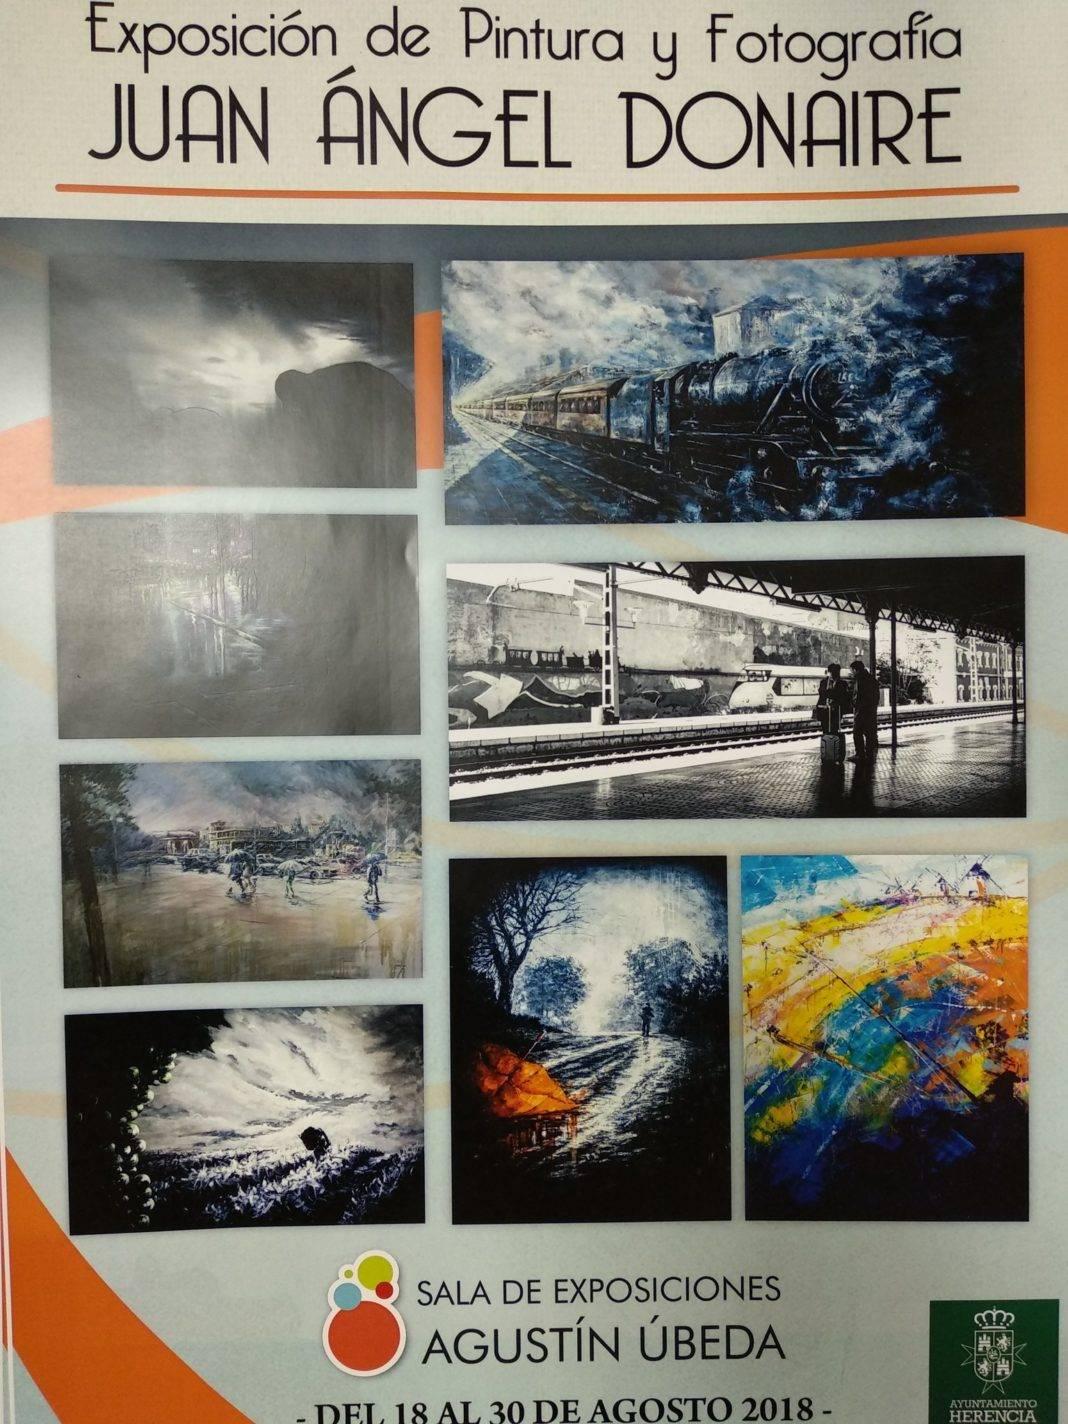 El artista Juan Ángel Donaire expone fotografía y pintura en Herencia 4